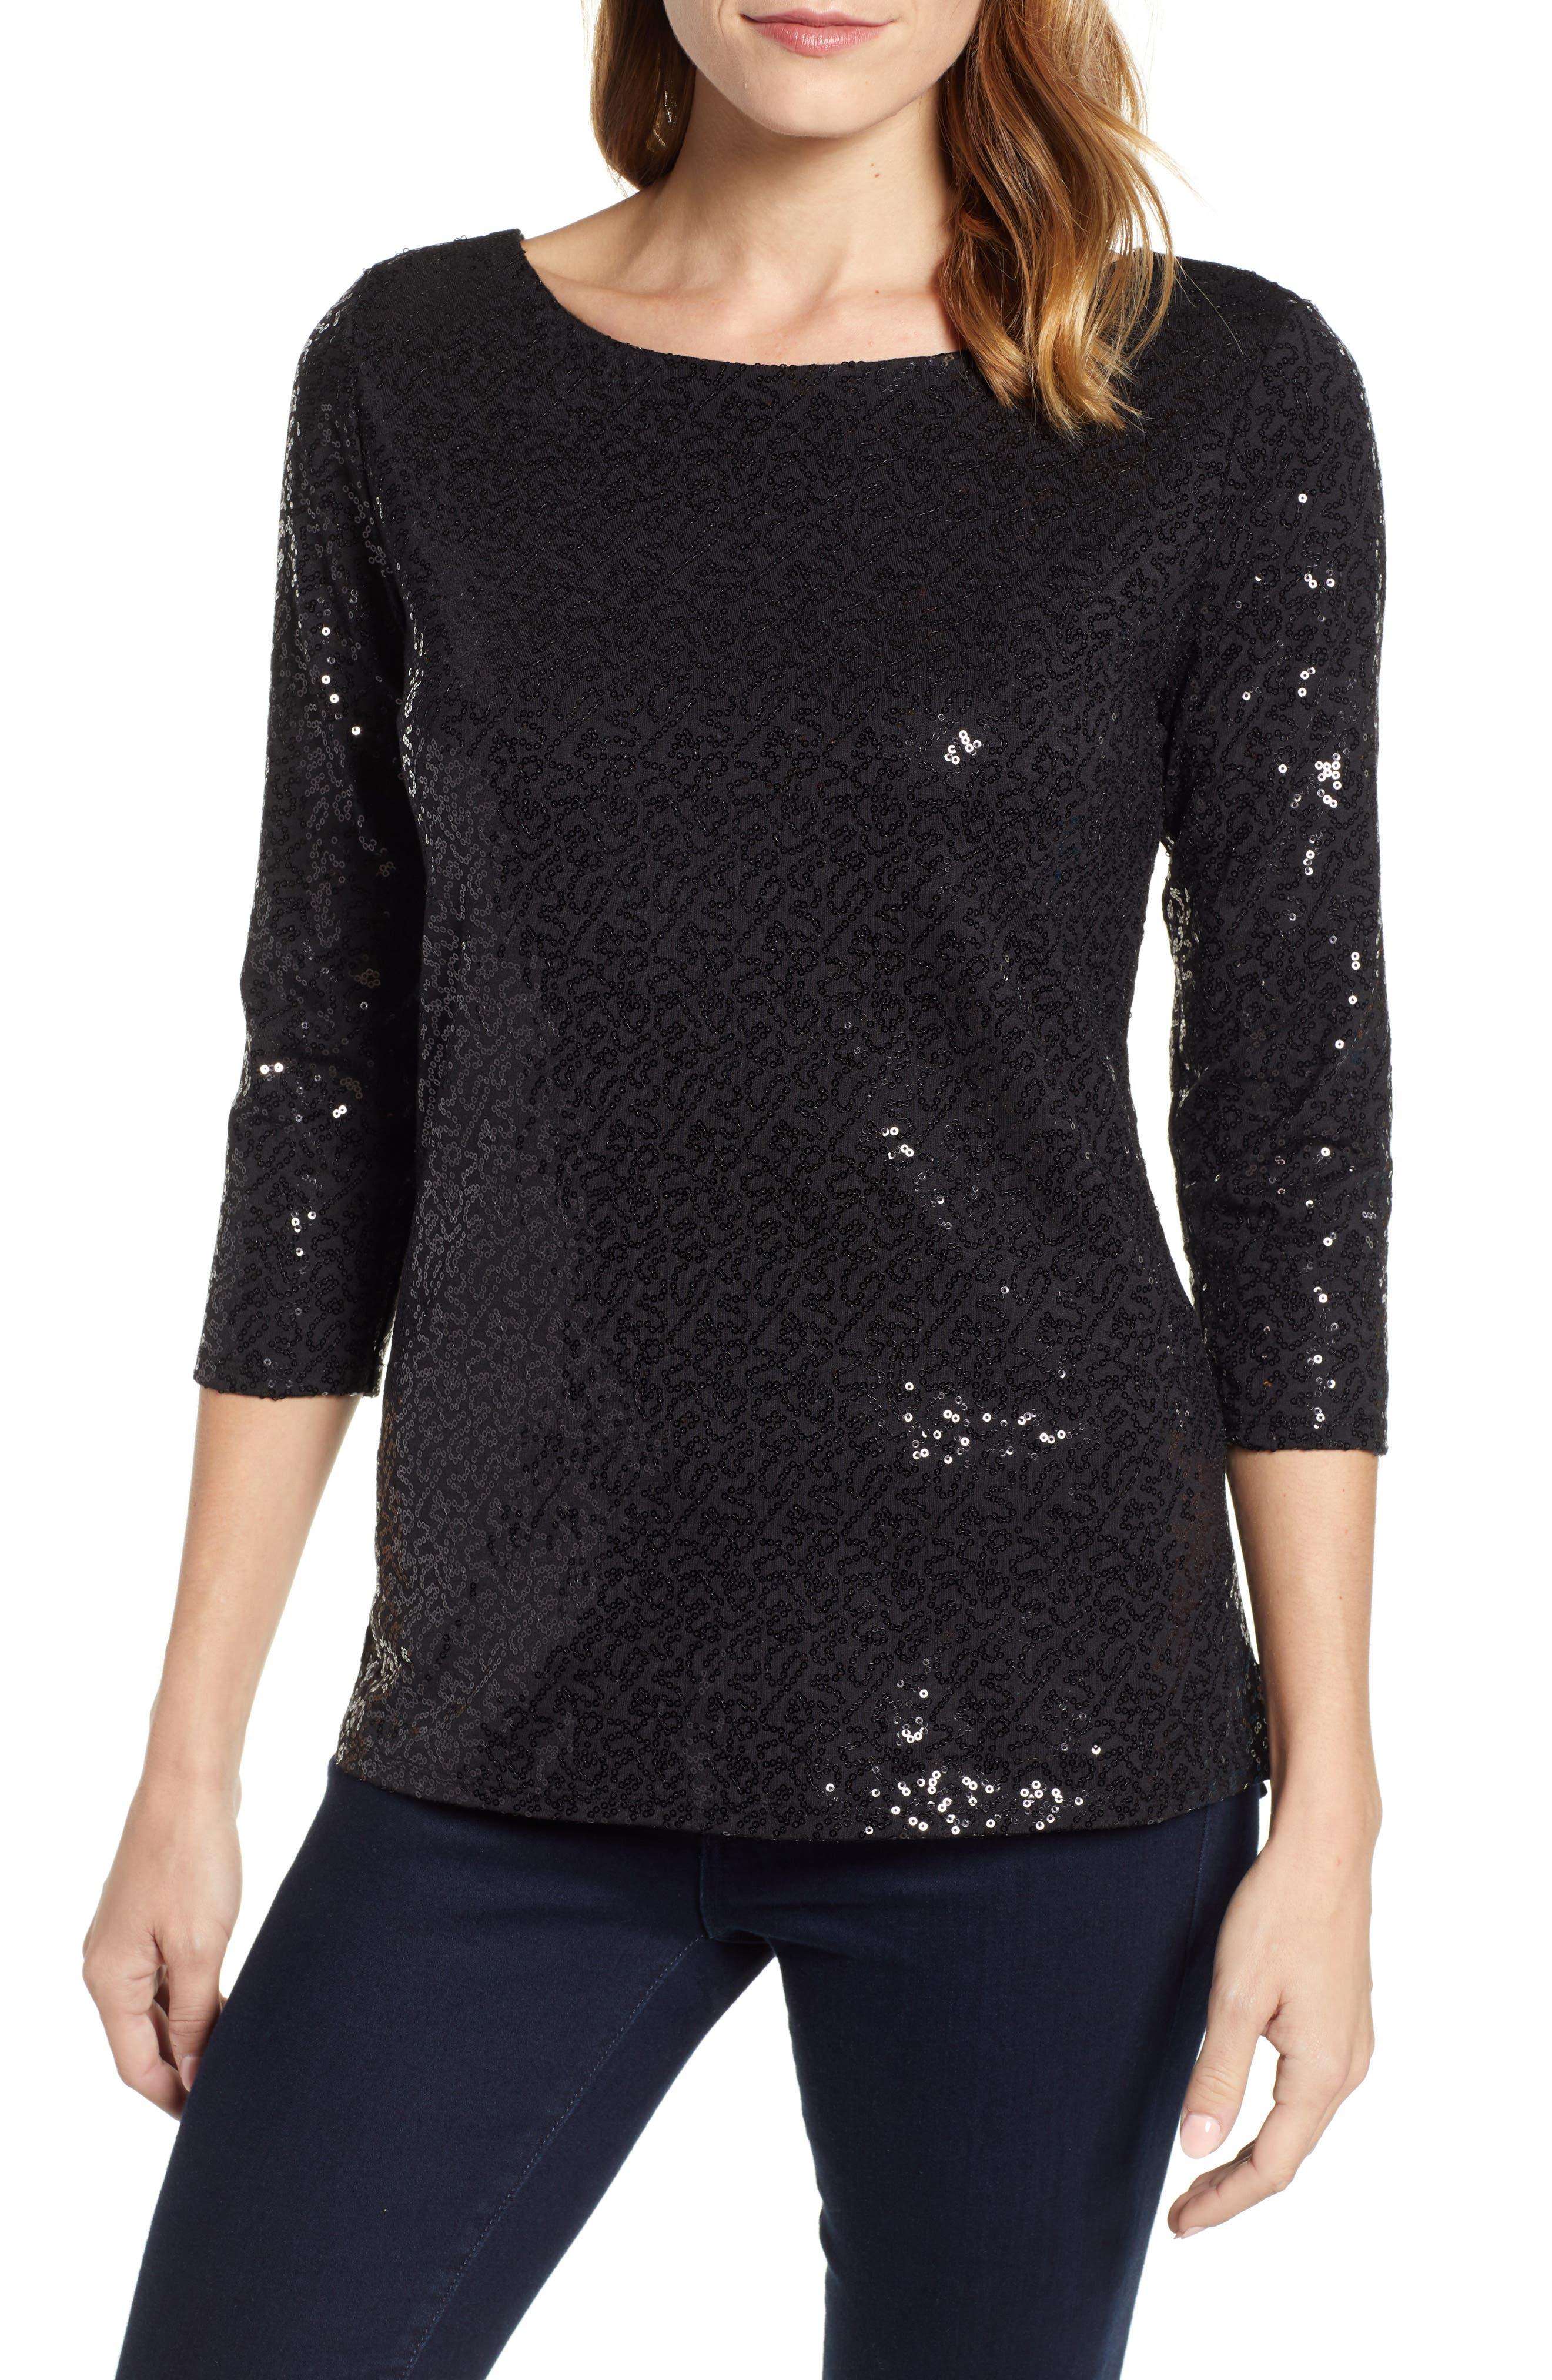 x Glam Squad Megan Sequin Embellished Scoop Back Top,                             Main thumbnail 1, color,                             BLACK